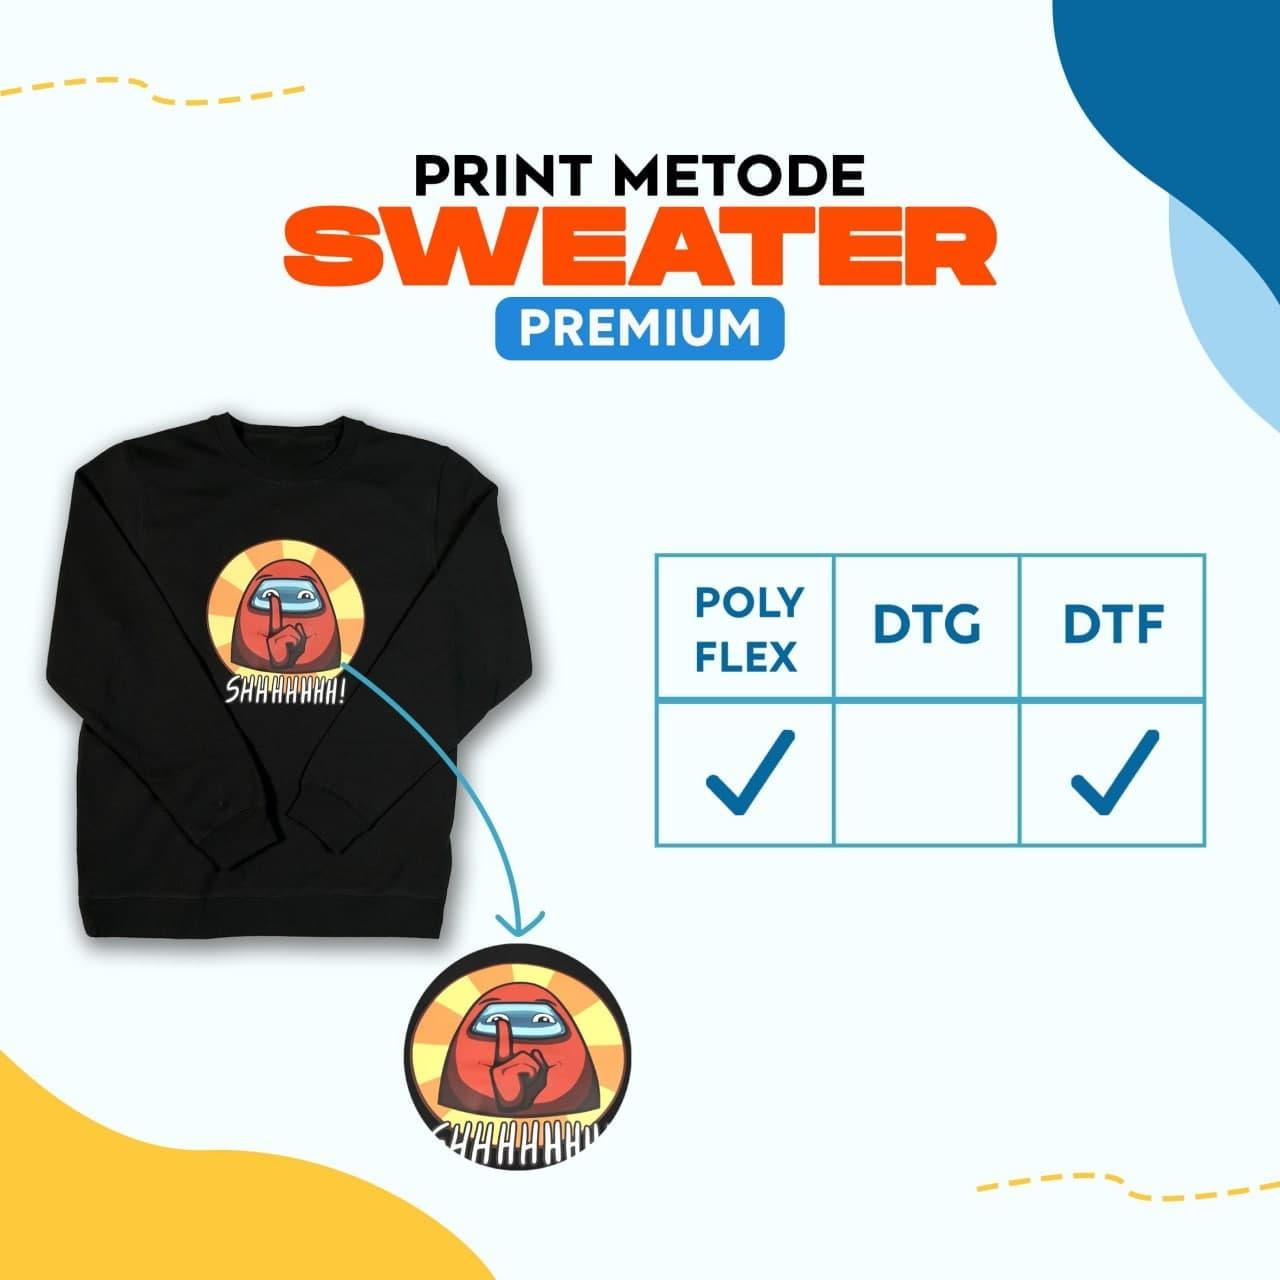 Print Metode Sweater